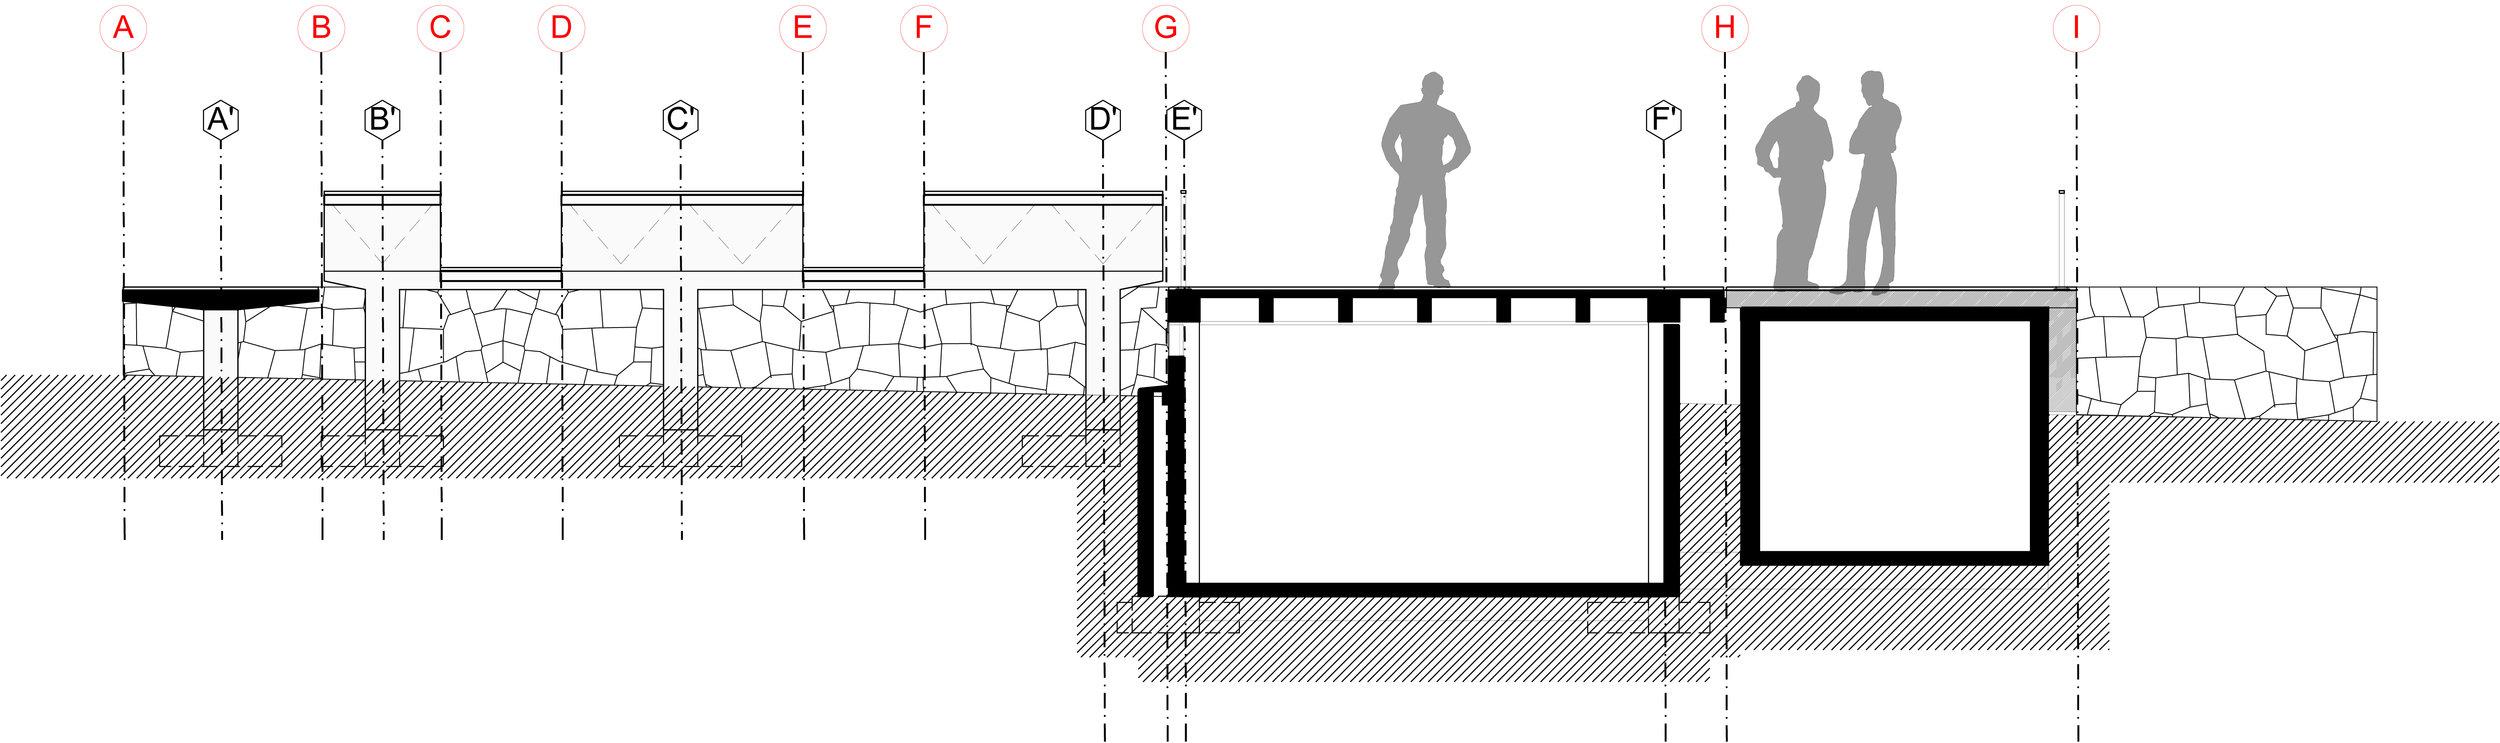 seccion longitudinal 2.jpg